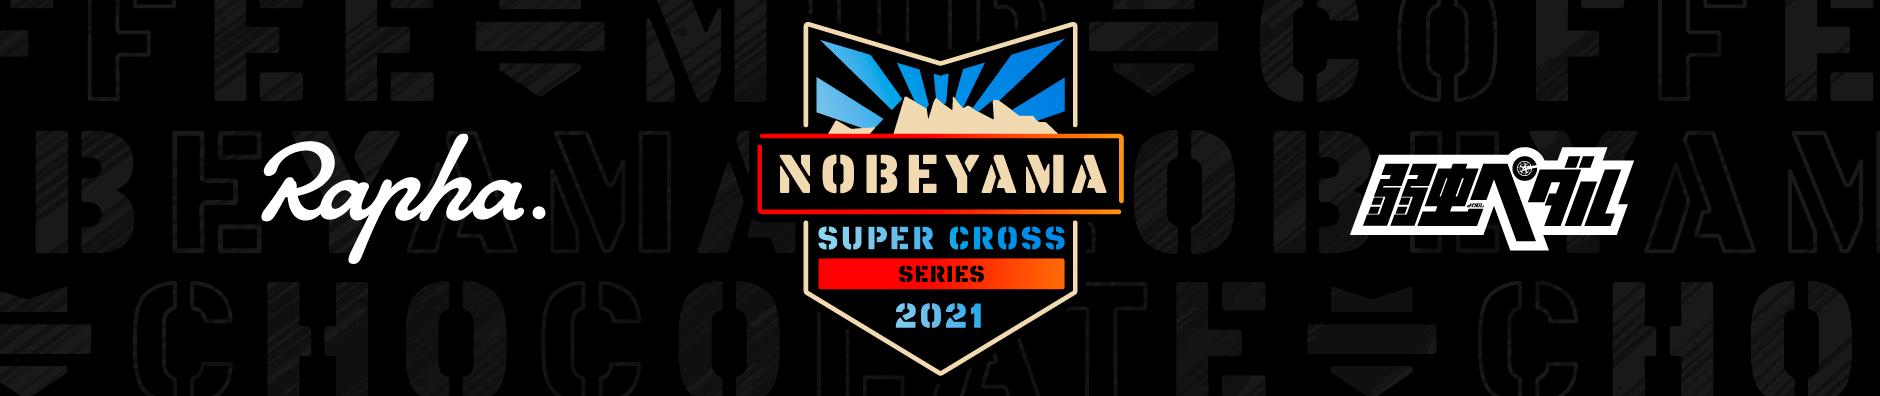 Rapha Super Cross NOBEYAMA